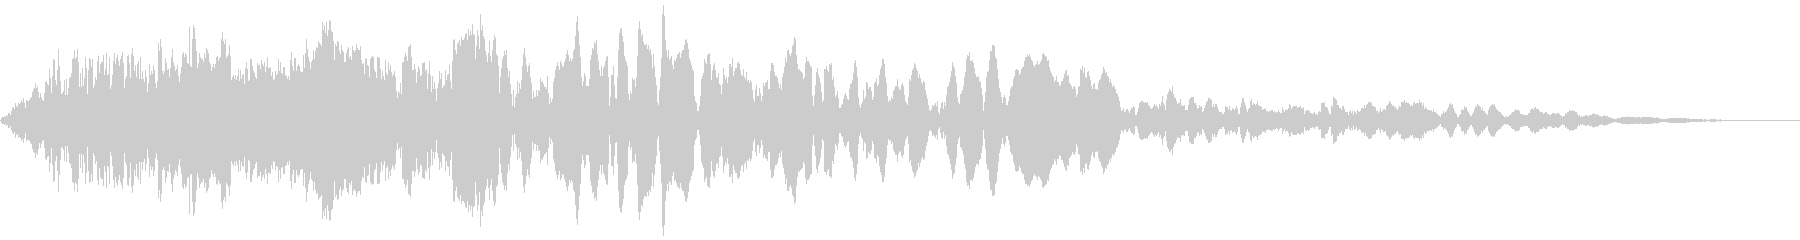 車 レース ブレーキ/タイヤスキール音5の未再生の波形